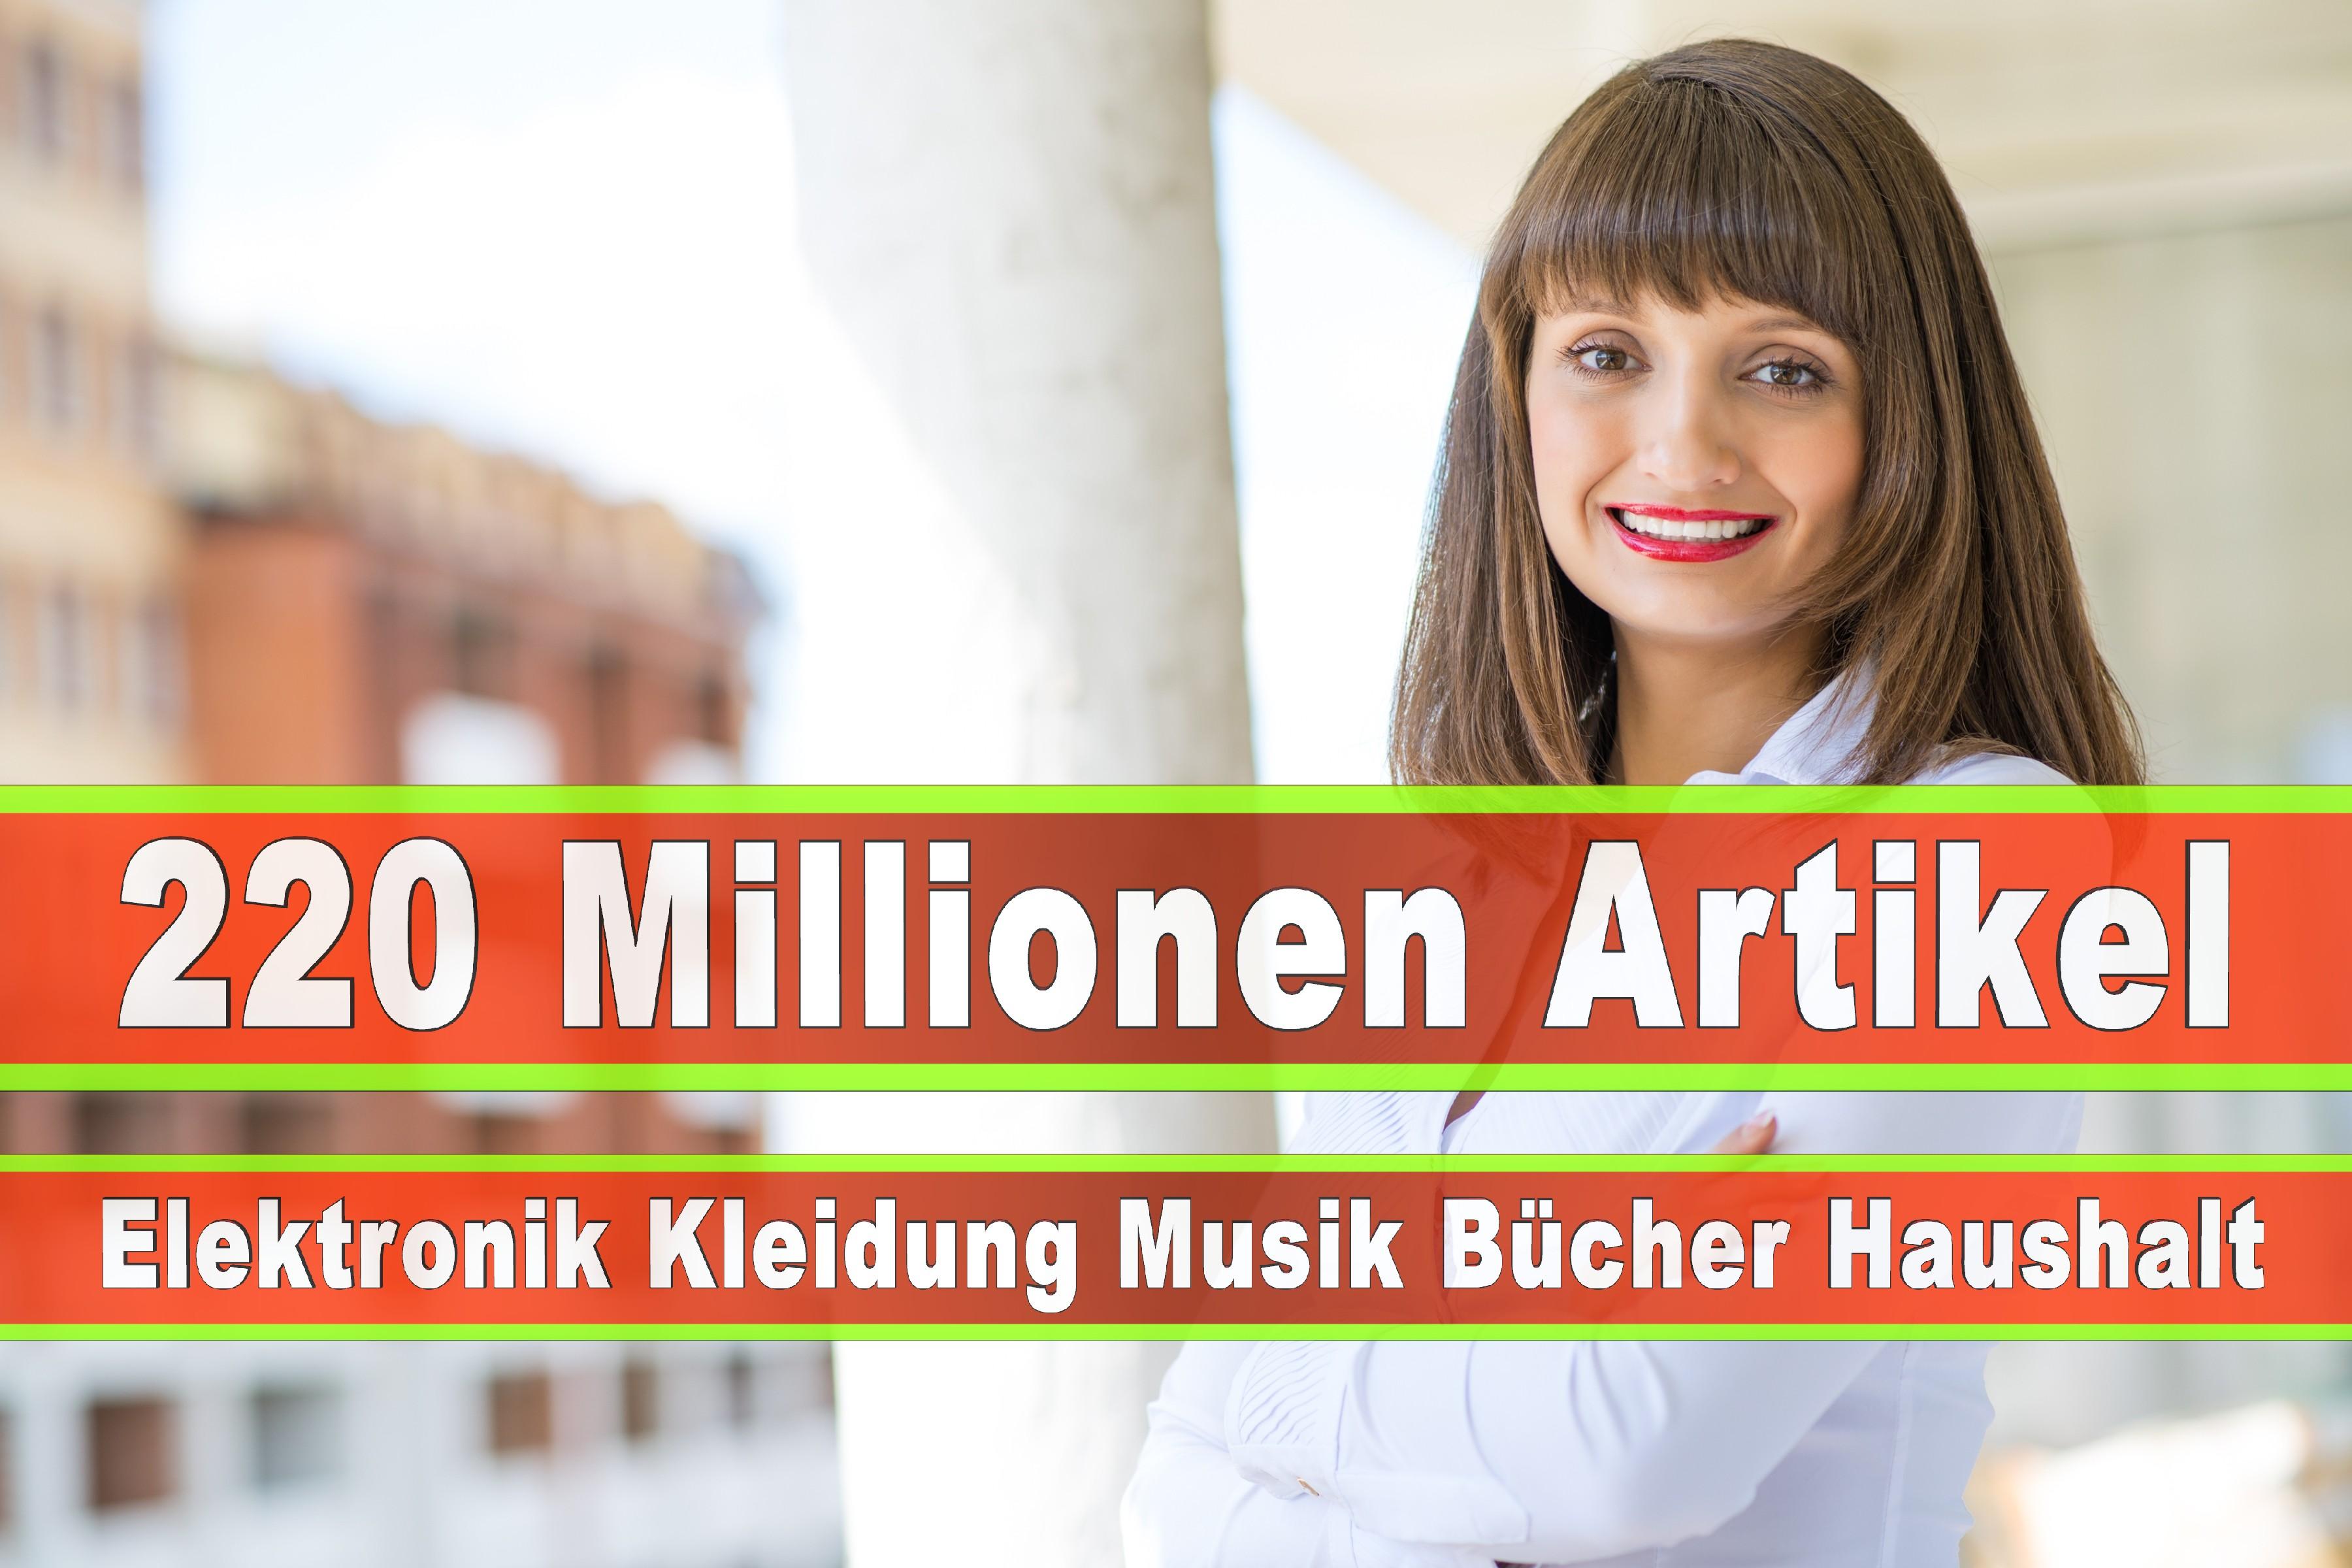 Amazon Elektronik Musik Haushalt Bücher CD DVD Handys Smartphones TV Television Fernseher Kleidung Mode Ebay Versandhaus (120)